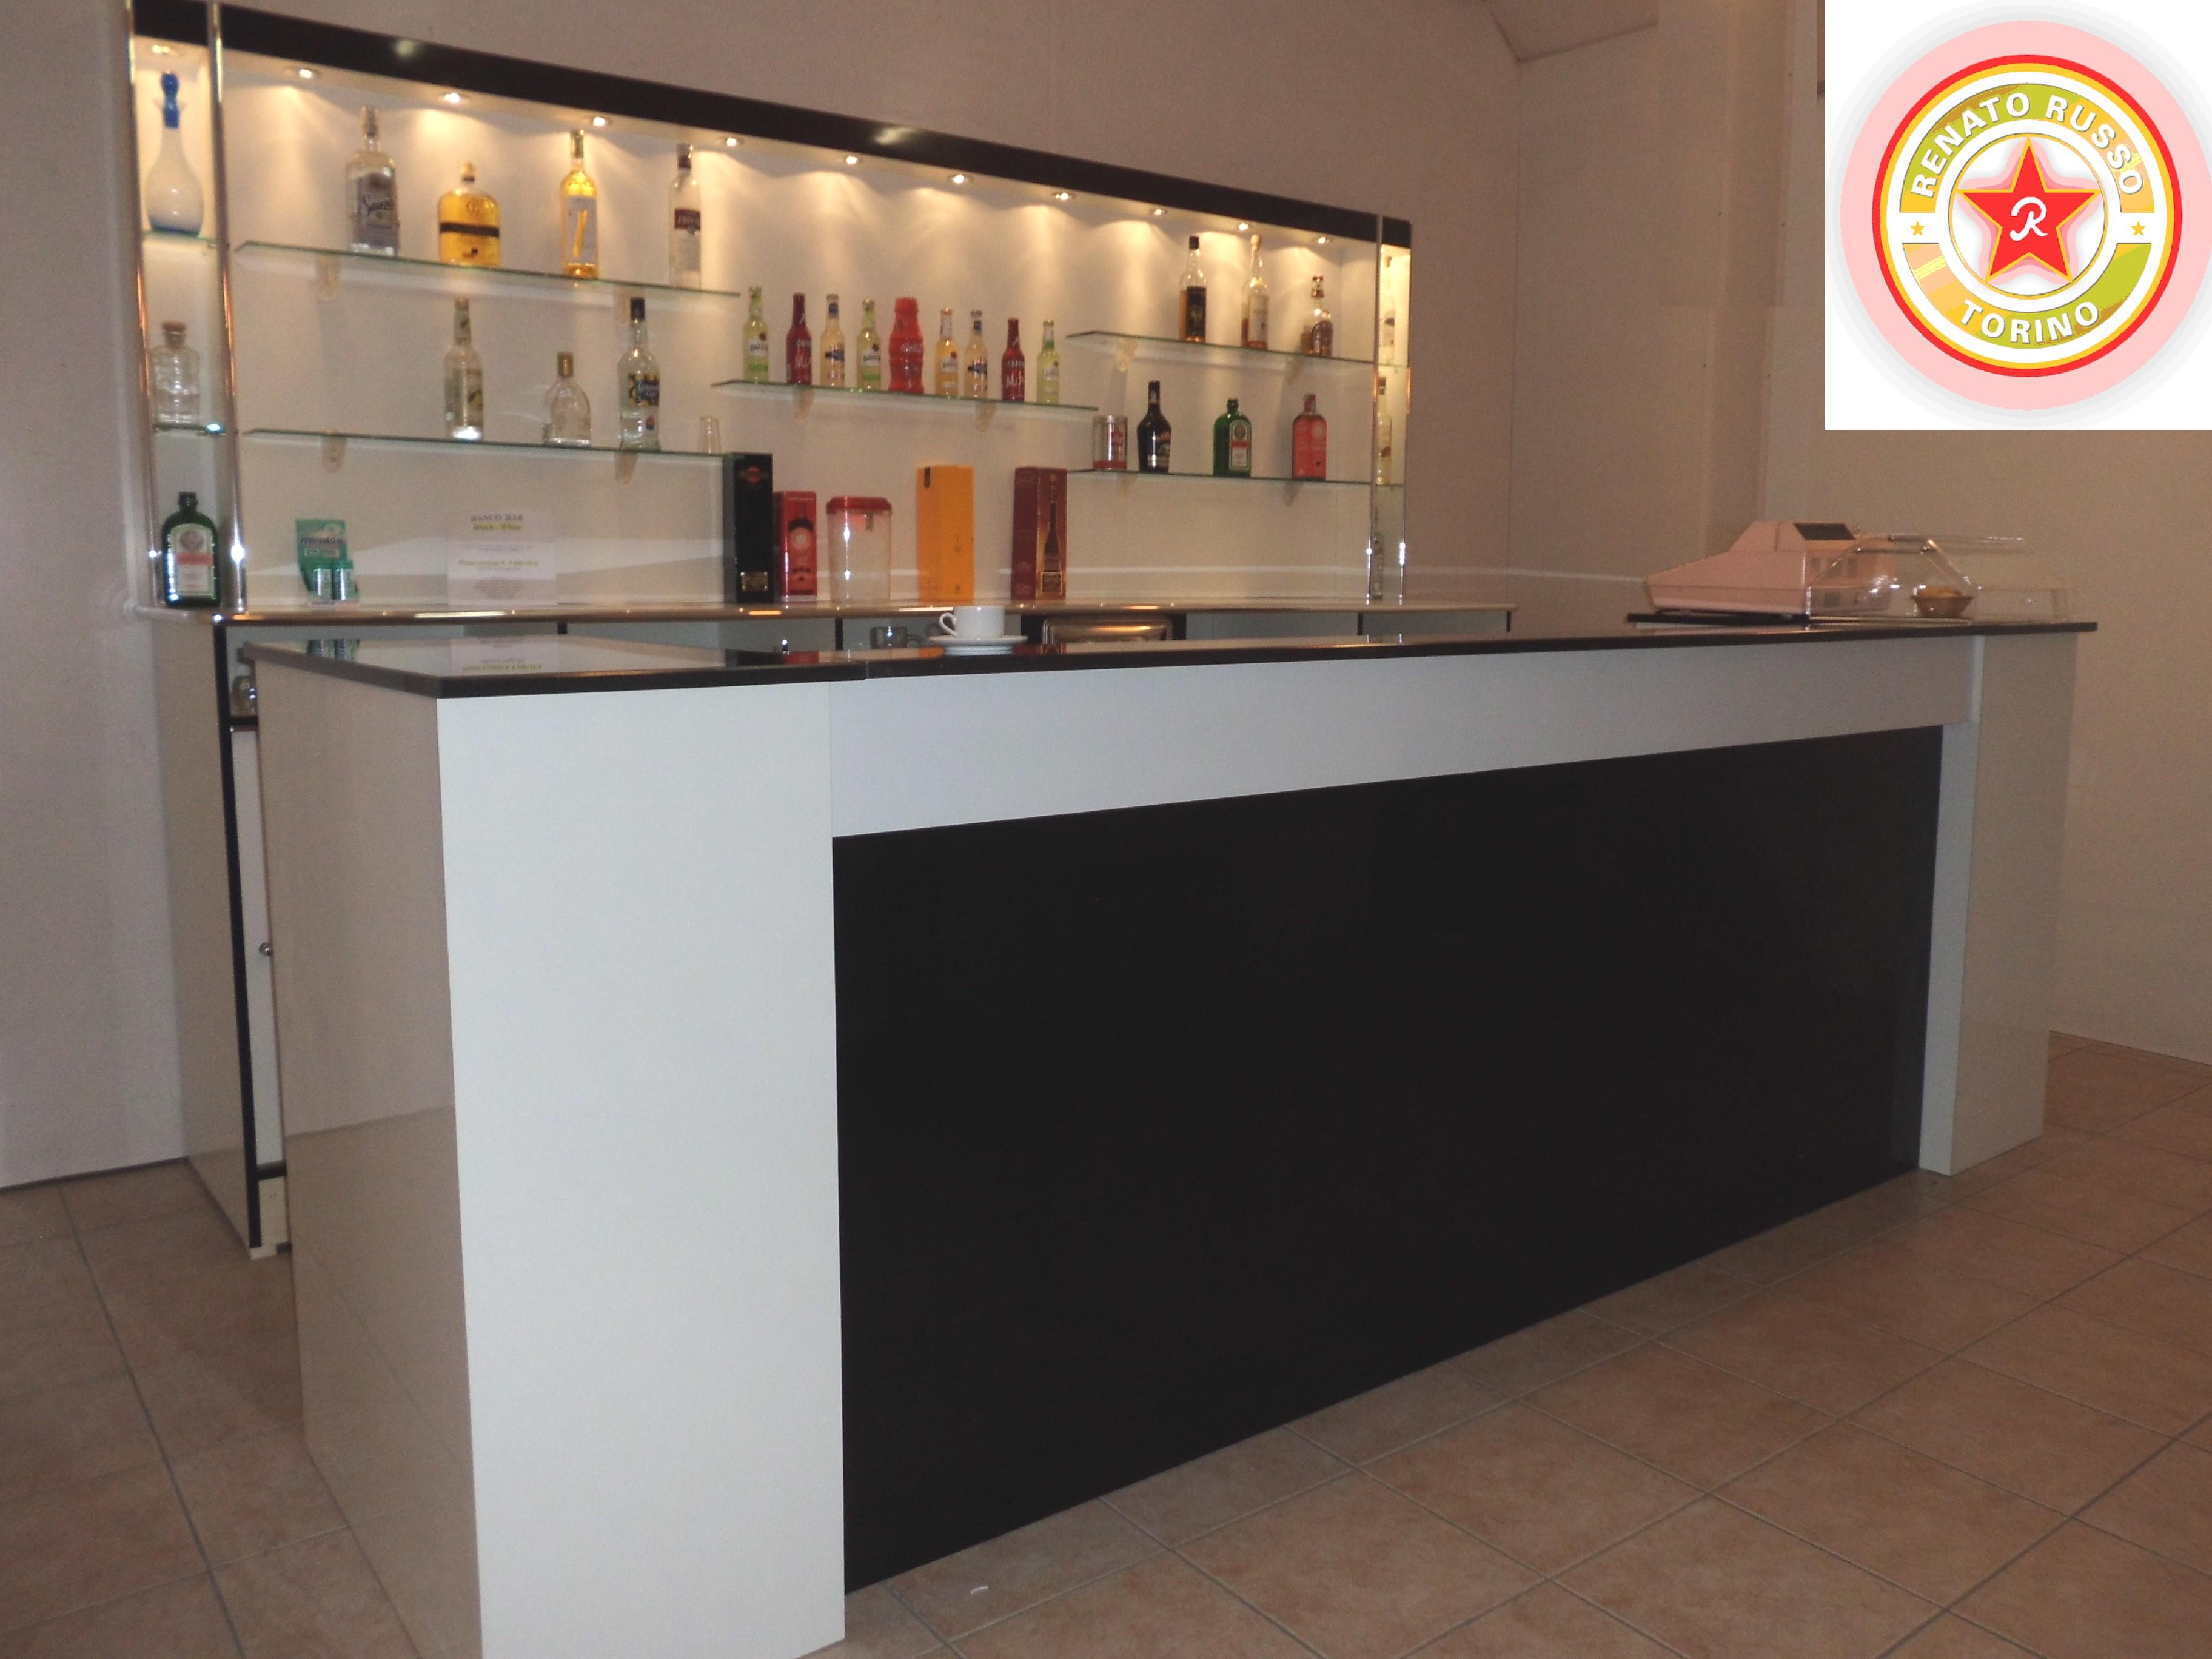 Banchi bar sicilia compra in fabbrica a prezzi contenuti for Arredamento per bar prezzi